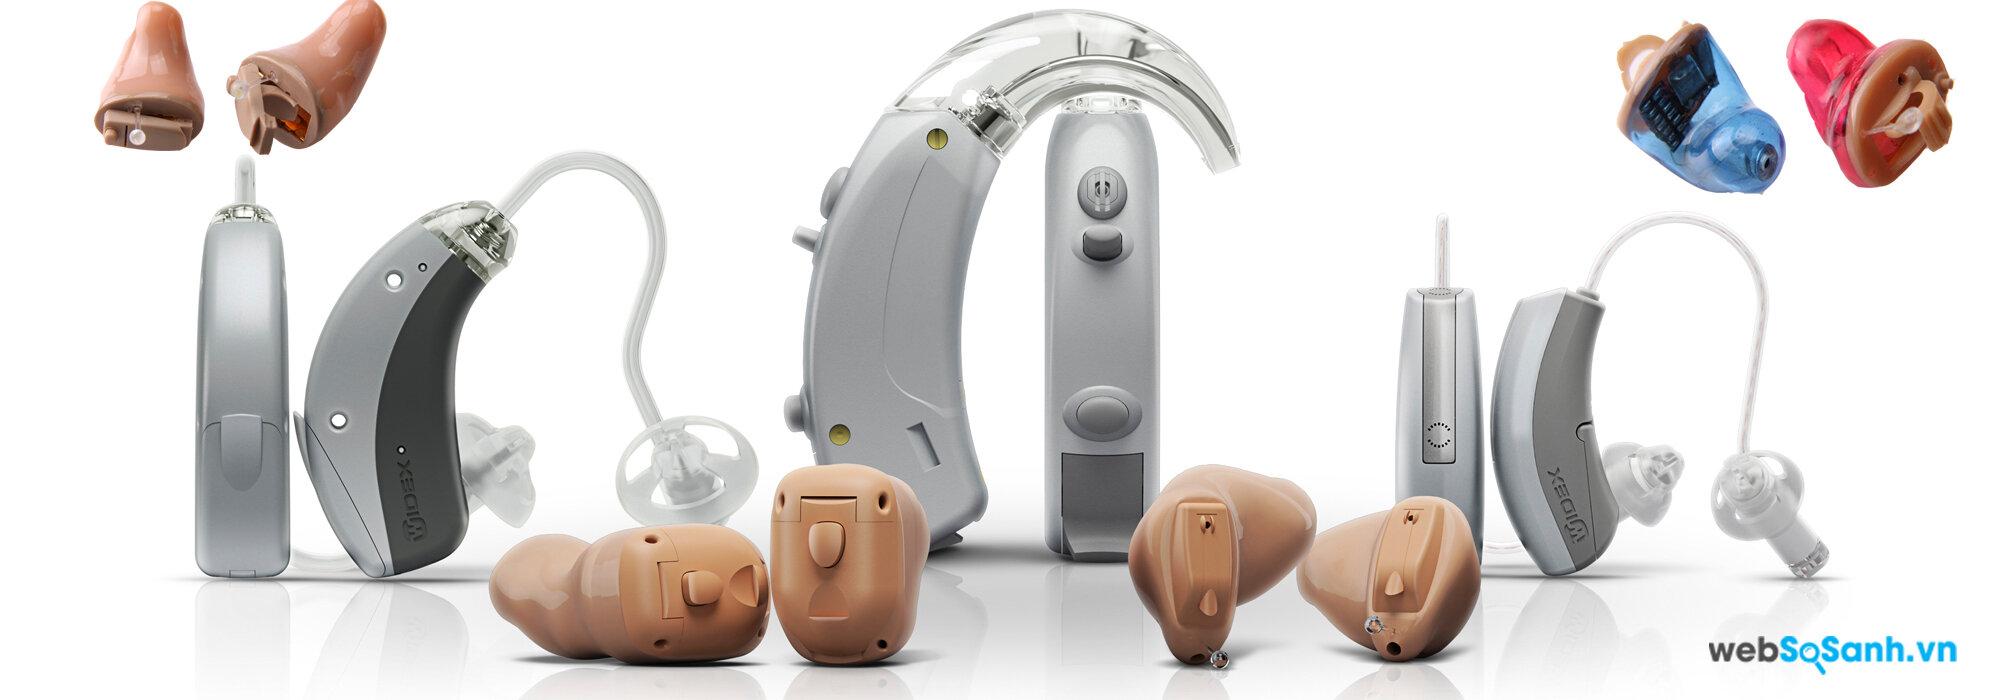 Chọn máy trợ thính đặt trong tai hay máy trợ thính đeo sau vành tai